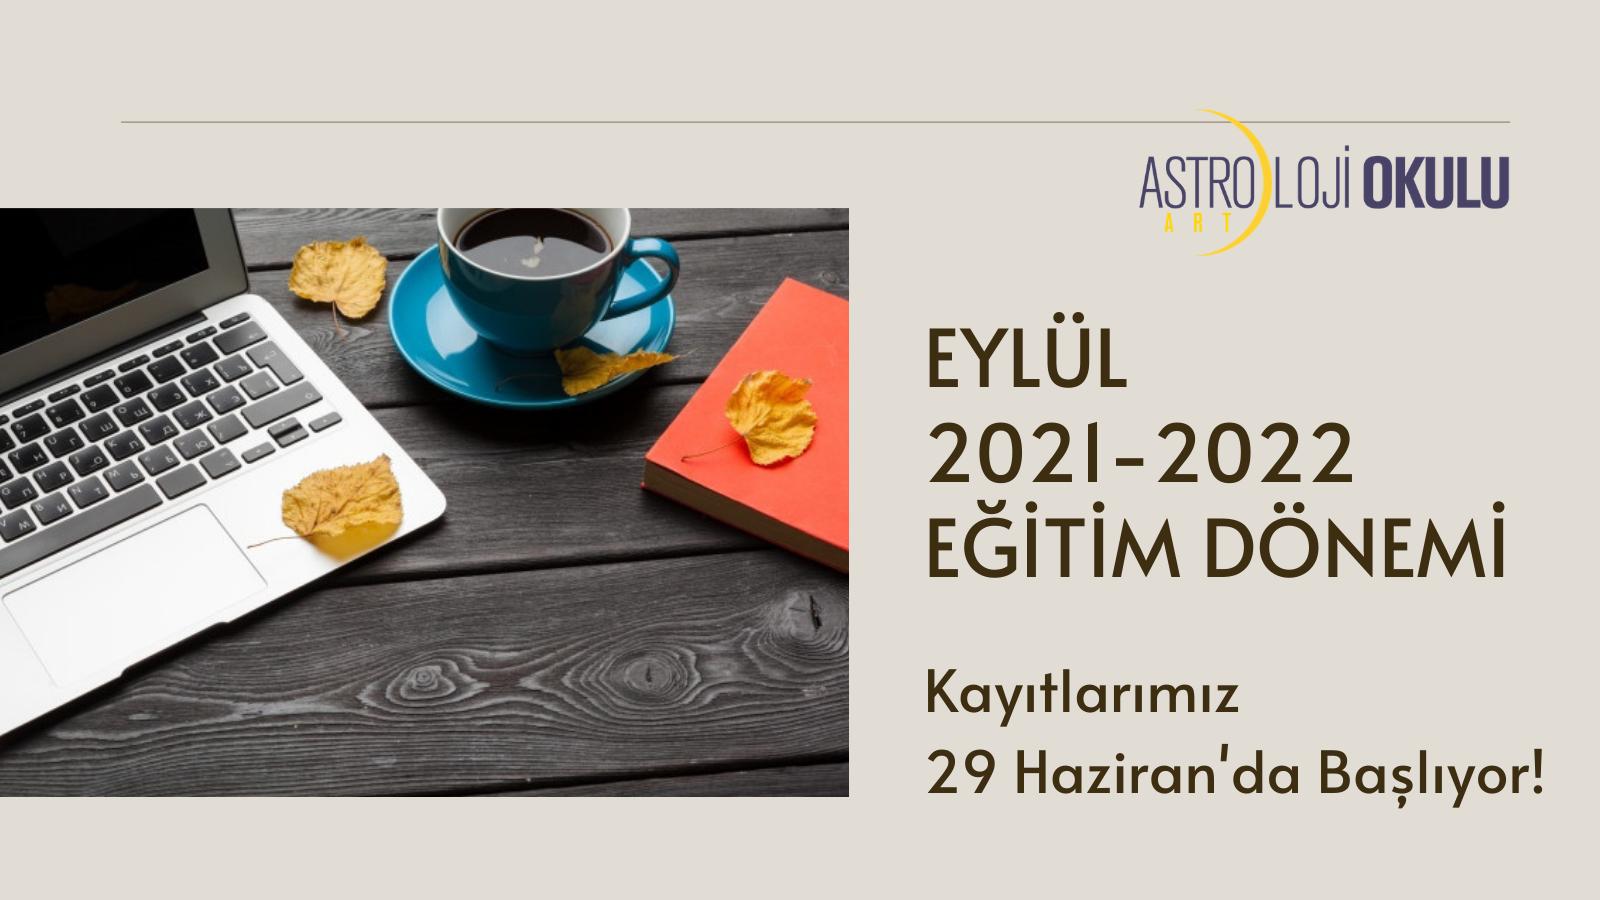 EYLÜL 2021/2022 EĞİTİM DÖNEMİ KAYITLARIMIZ 29 HAZİRAN'DA BAŞLIYOR!